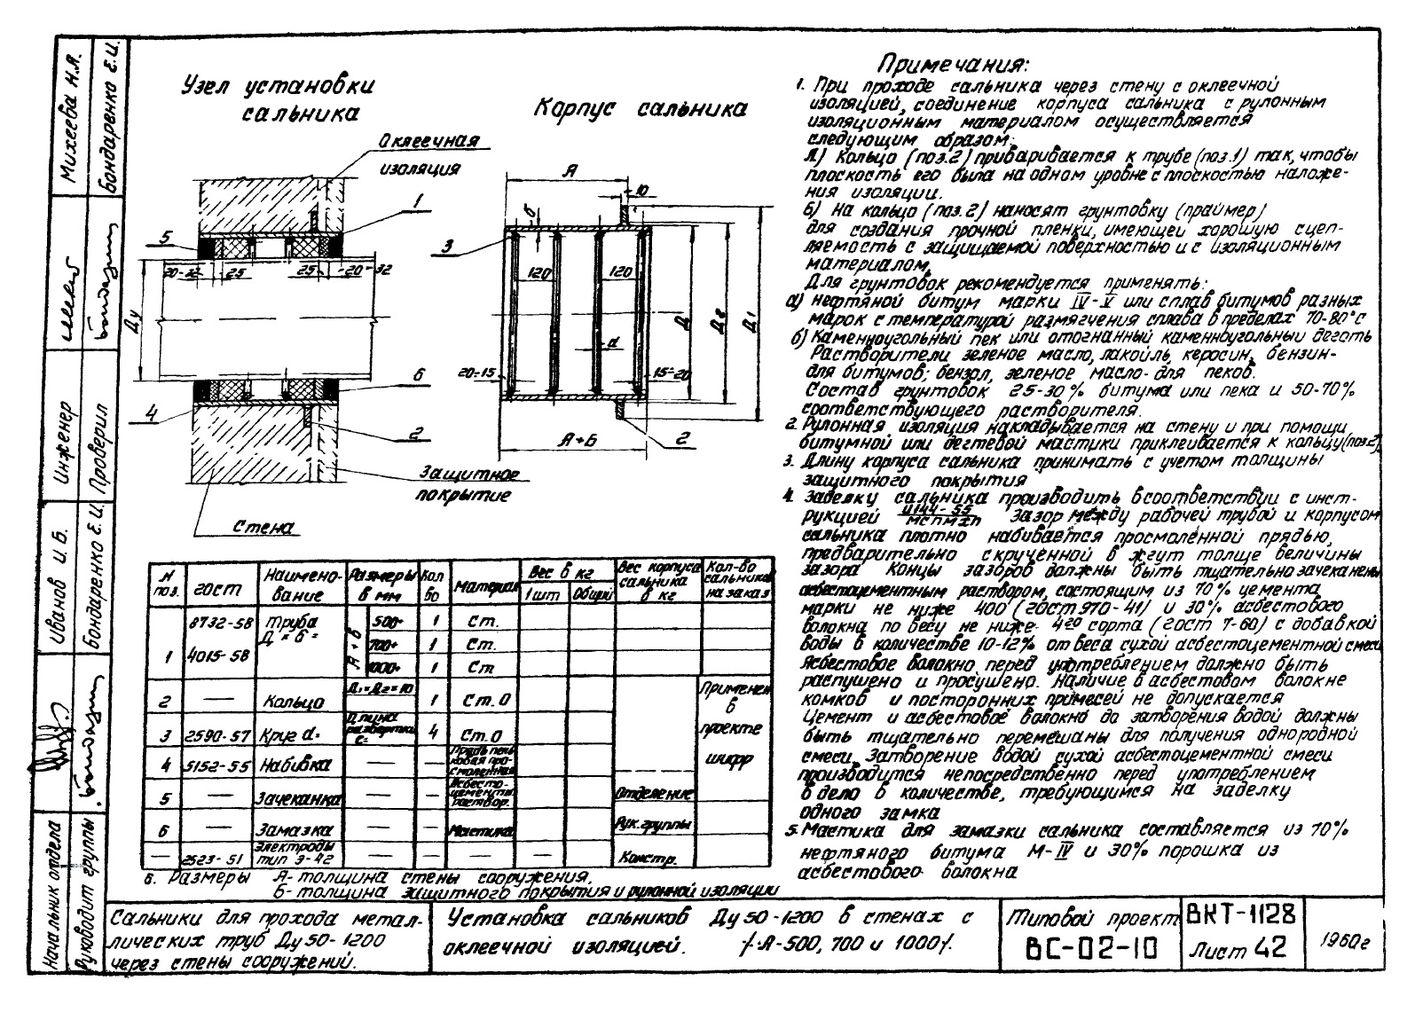 Сальники набивные L = 500 мм типовой проект ВС-02-10 стр.20